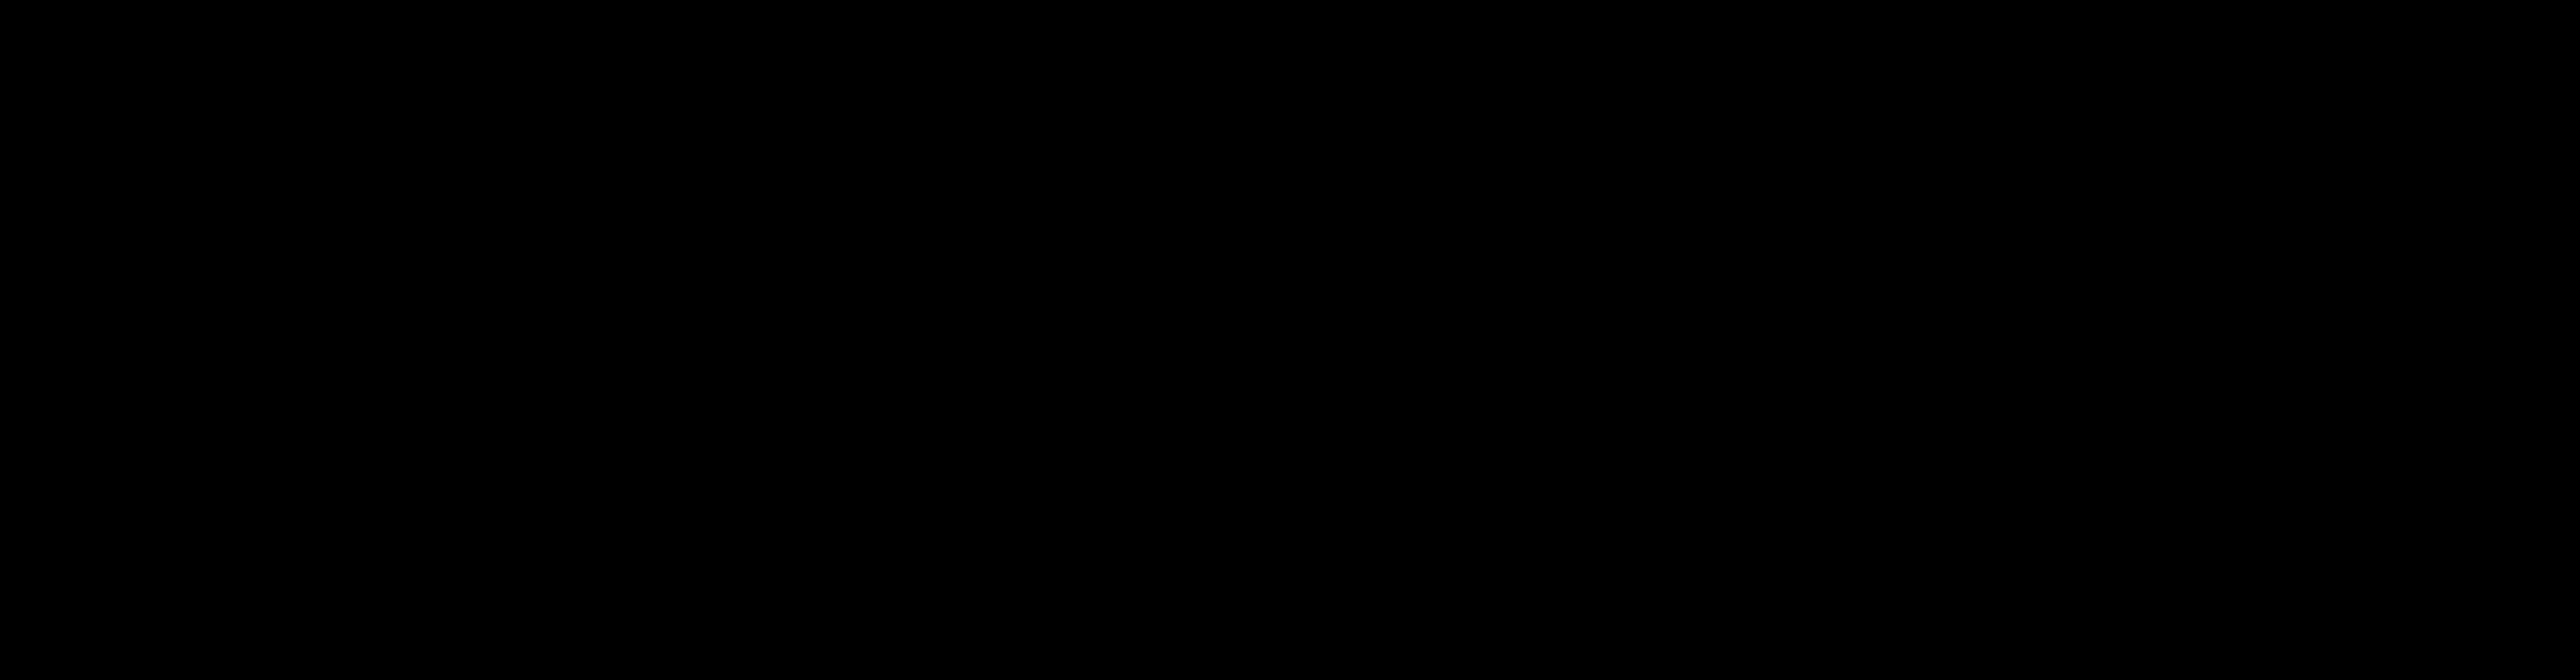 Curcumin-β-D-glucuronide